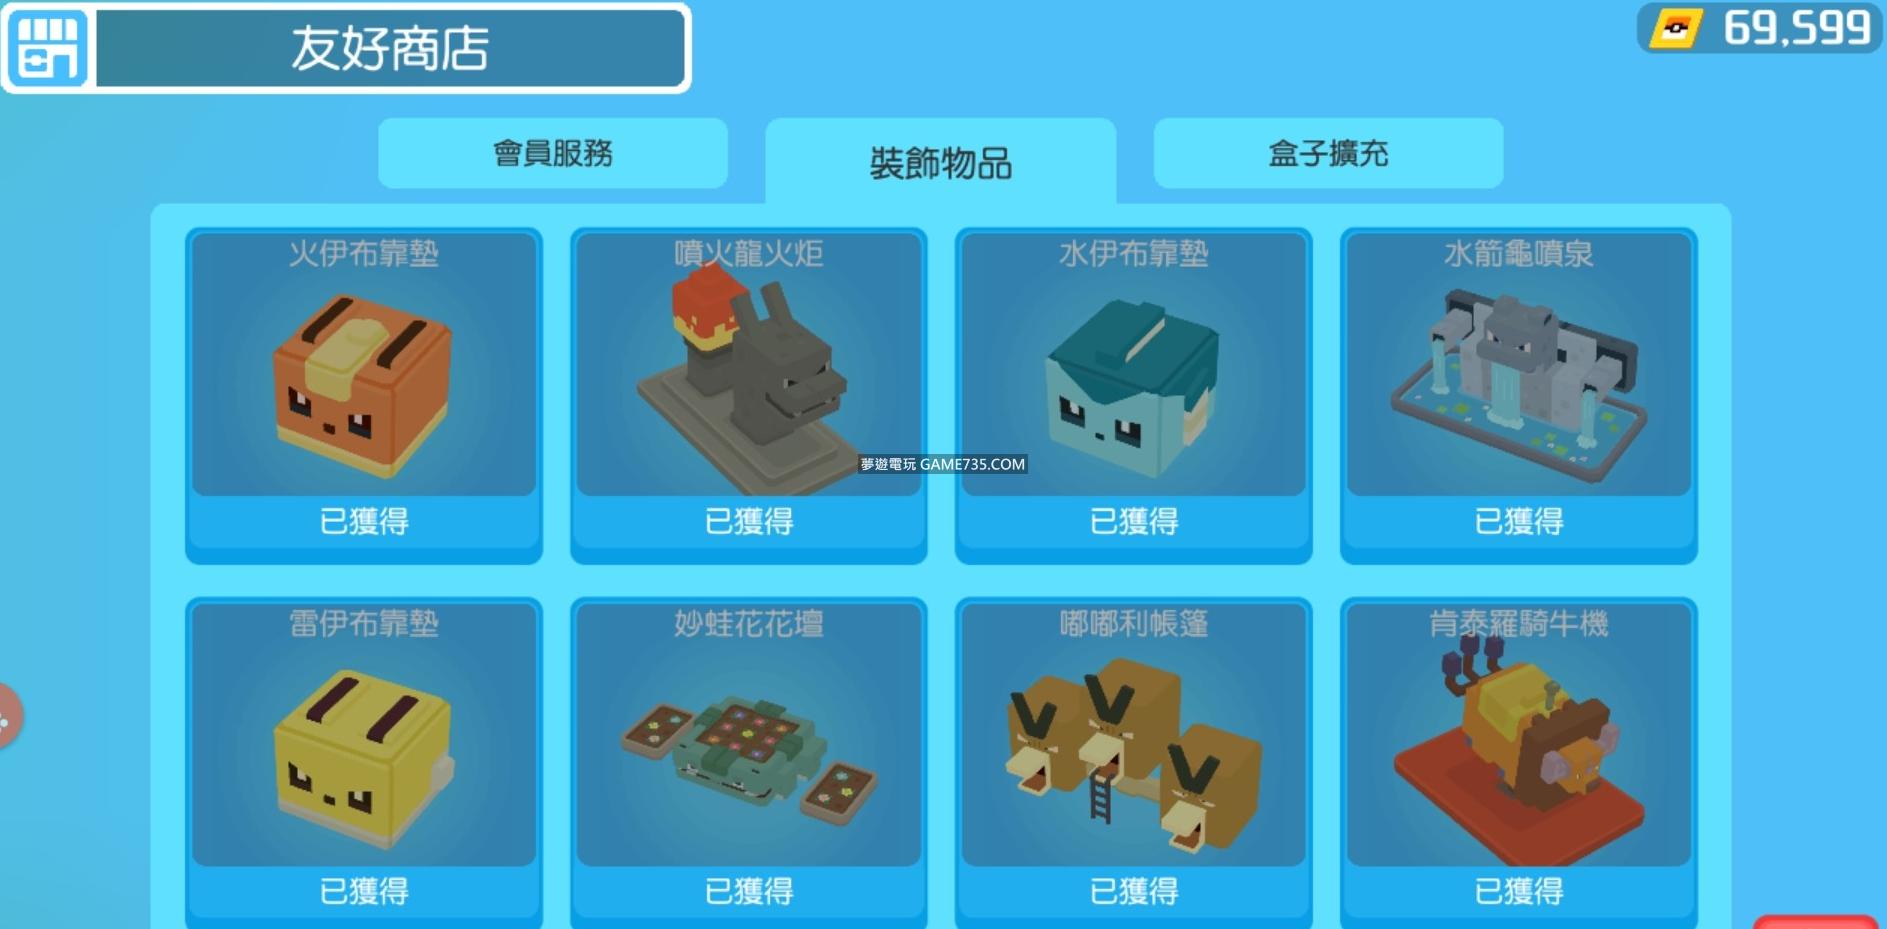 【1207修改外掛】寶可夢探險尋寶 Pokémon Quest v1.0.4 秒殺+無限購買商店+秒升等高經驗值+繁中